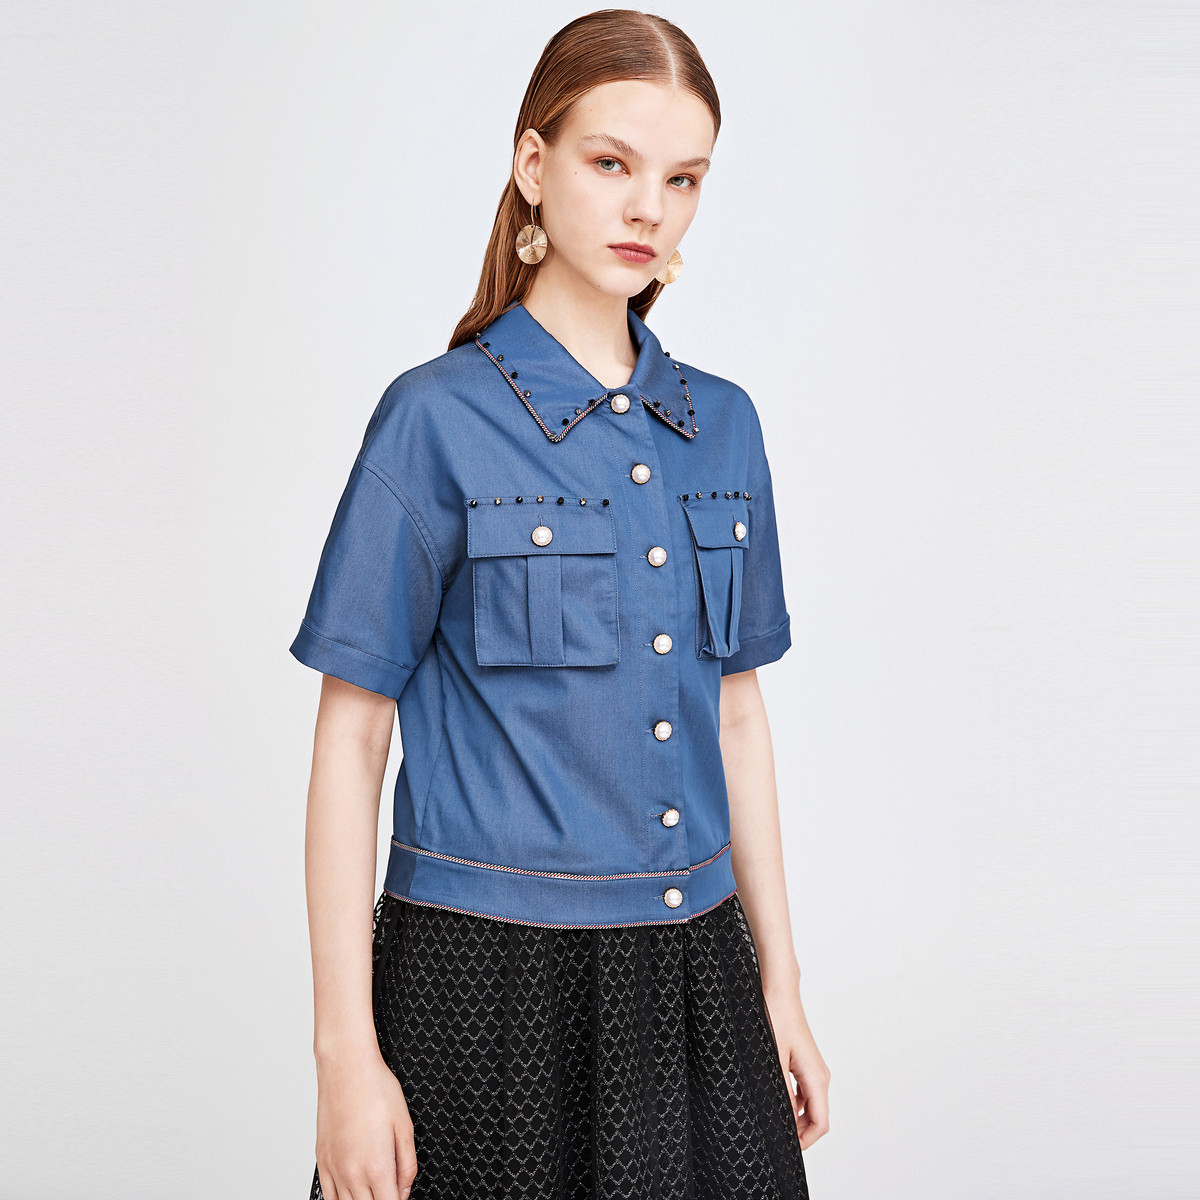 诗篇影儿2019年夏季新品时尚纯色短外套外套6C0921014051